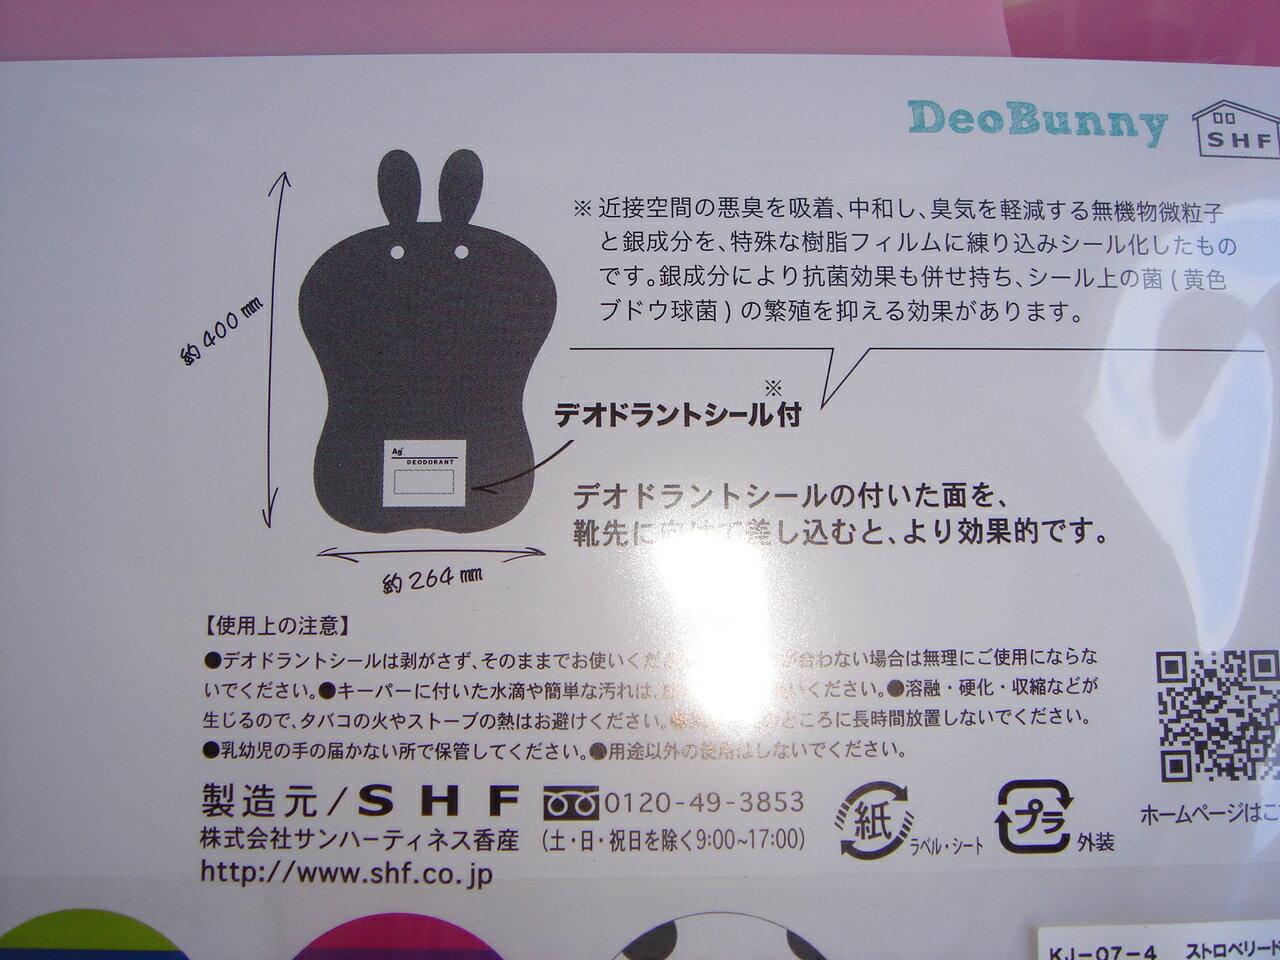 かわいい!消臭ブーツキーパー[4柄]◆1足分定価1200円×4種類セット[激安・在庫処分・セール]